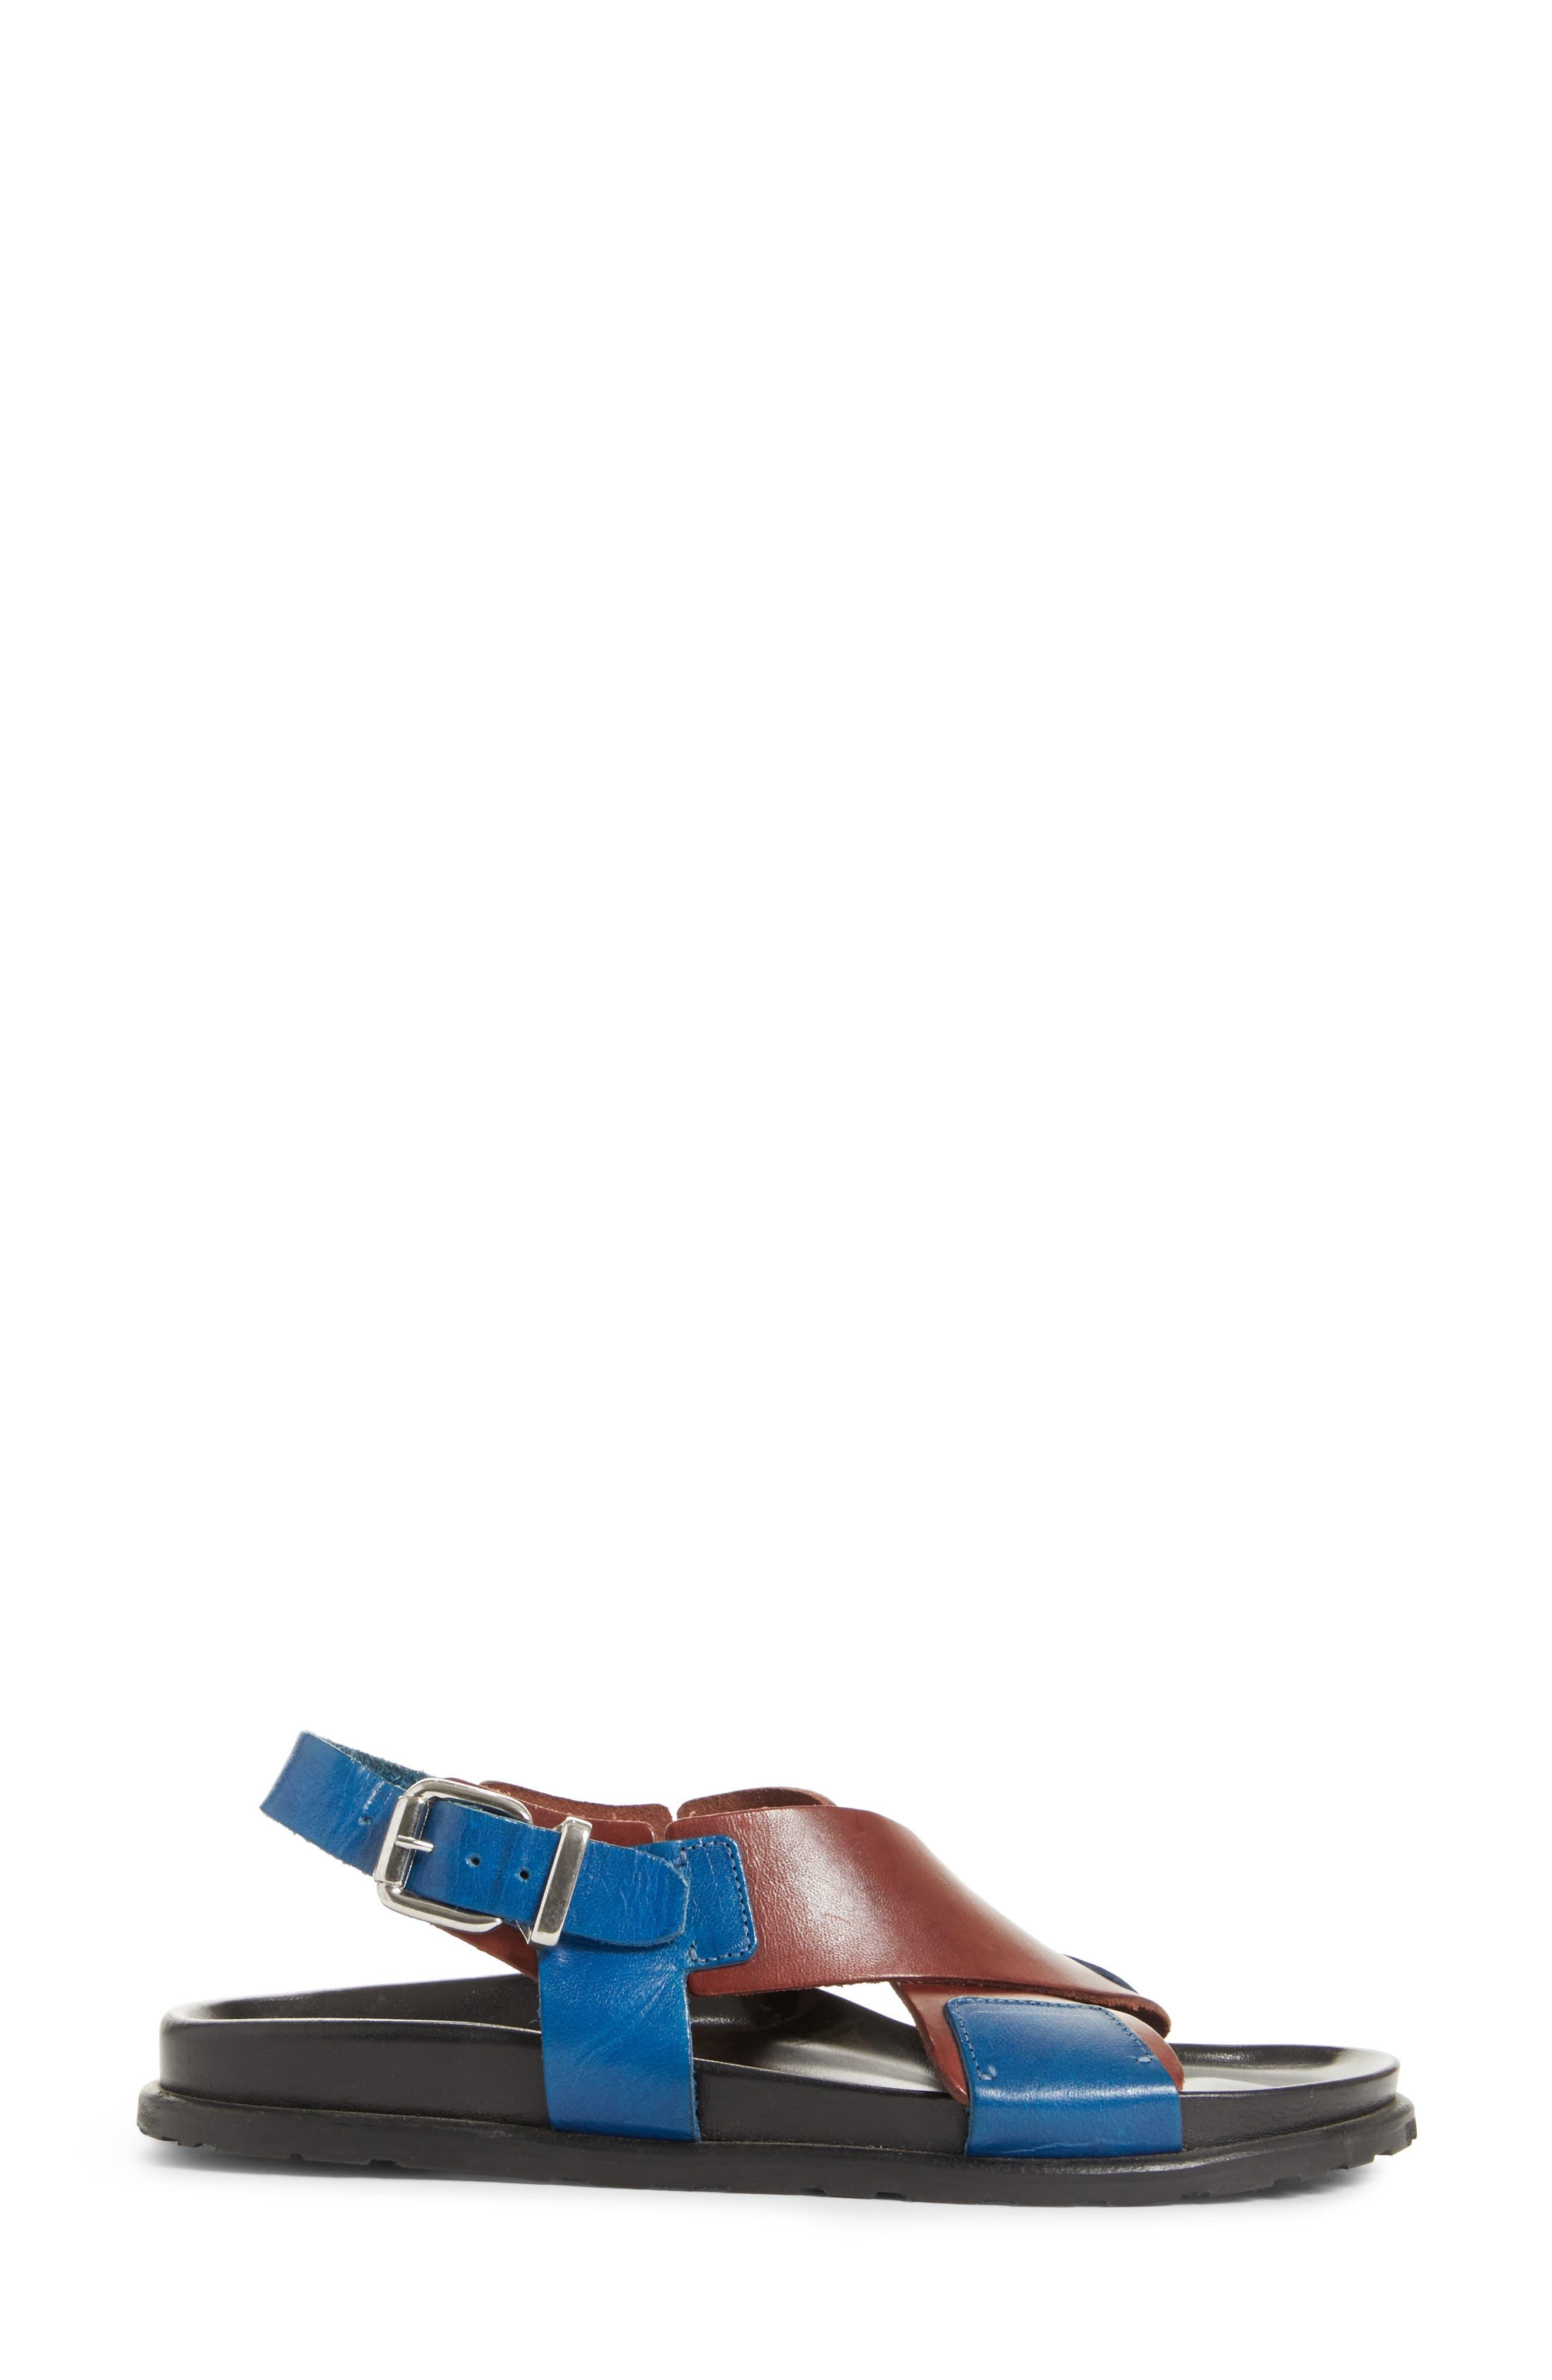 Bicolor Strappy Sandal,                             Alternate thumbnail 3, color,                             5Marsala/Denim